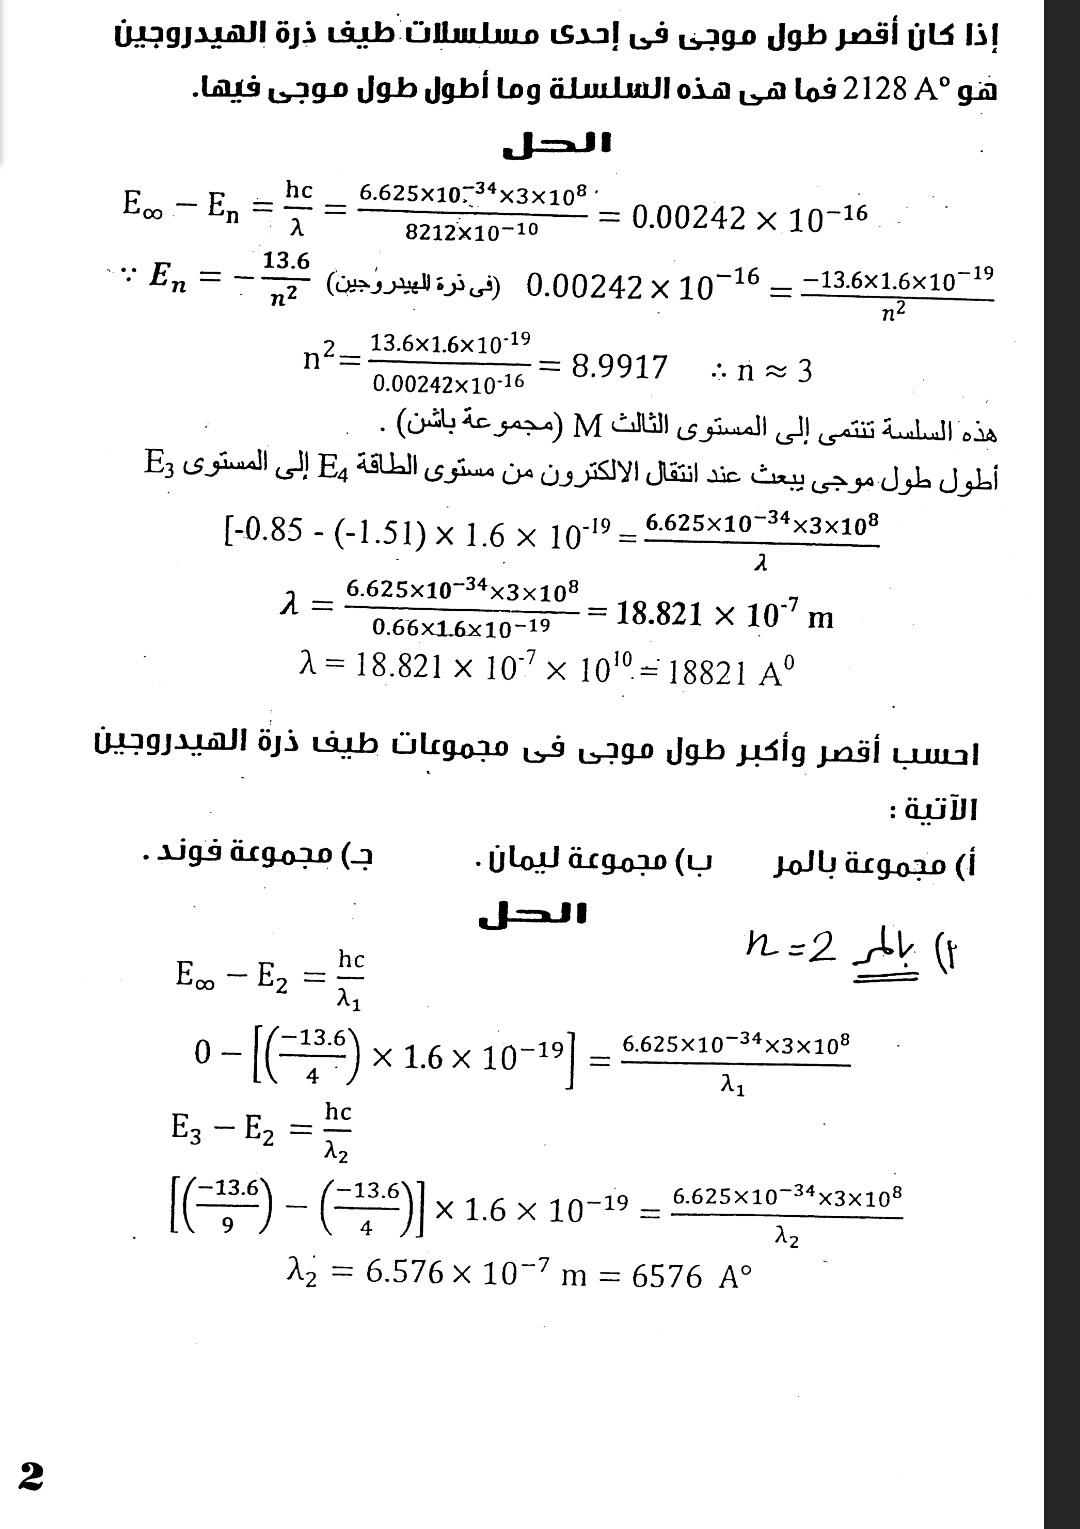 توقعات امتحان الفيزياء للصف الثالث الثانوي العام ، الشهادة الثانوية العامة اهم الاسئلة والمسائل